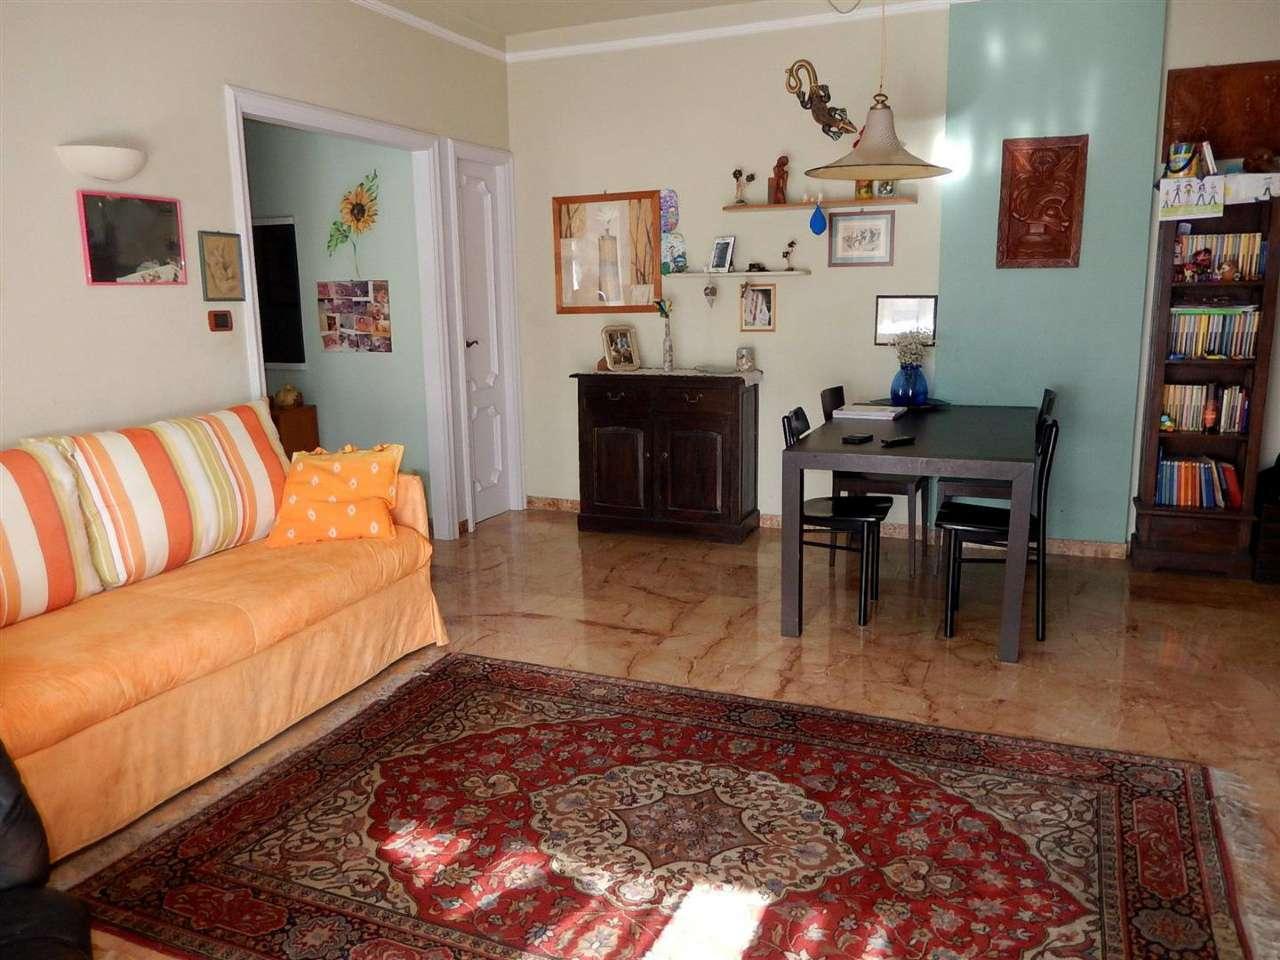 Appartamento in vendita a Sestri Levante, 4 locali, prezzo € 240.000 | CambioCasa.it